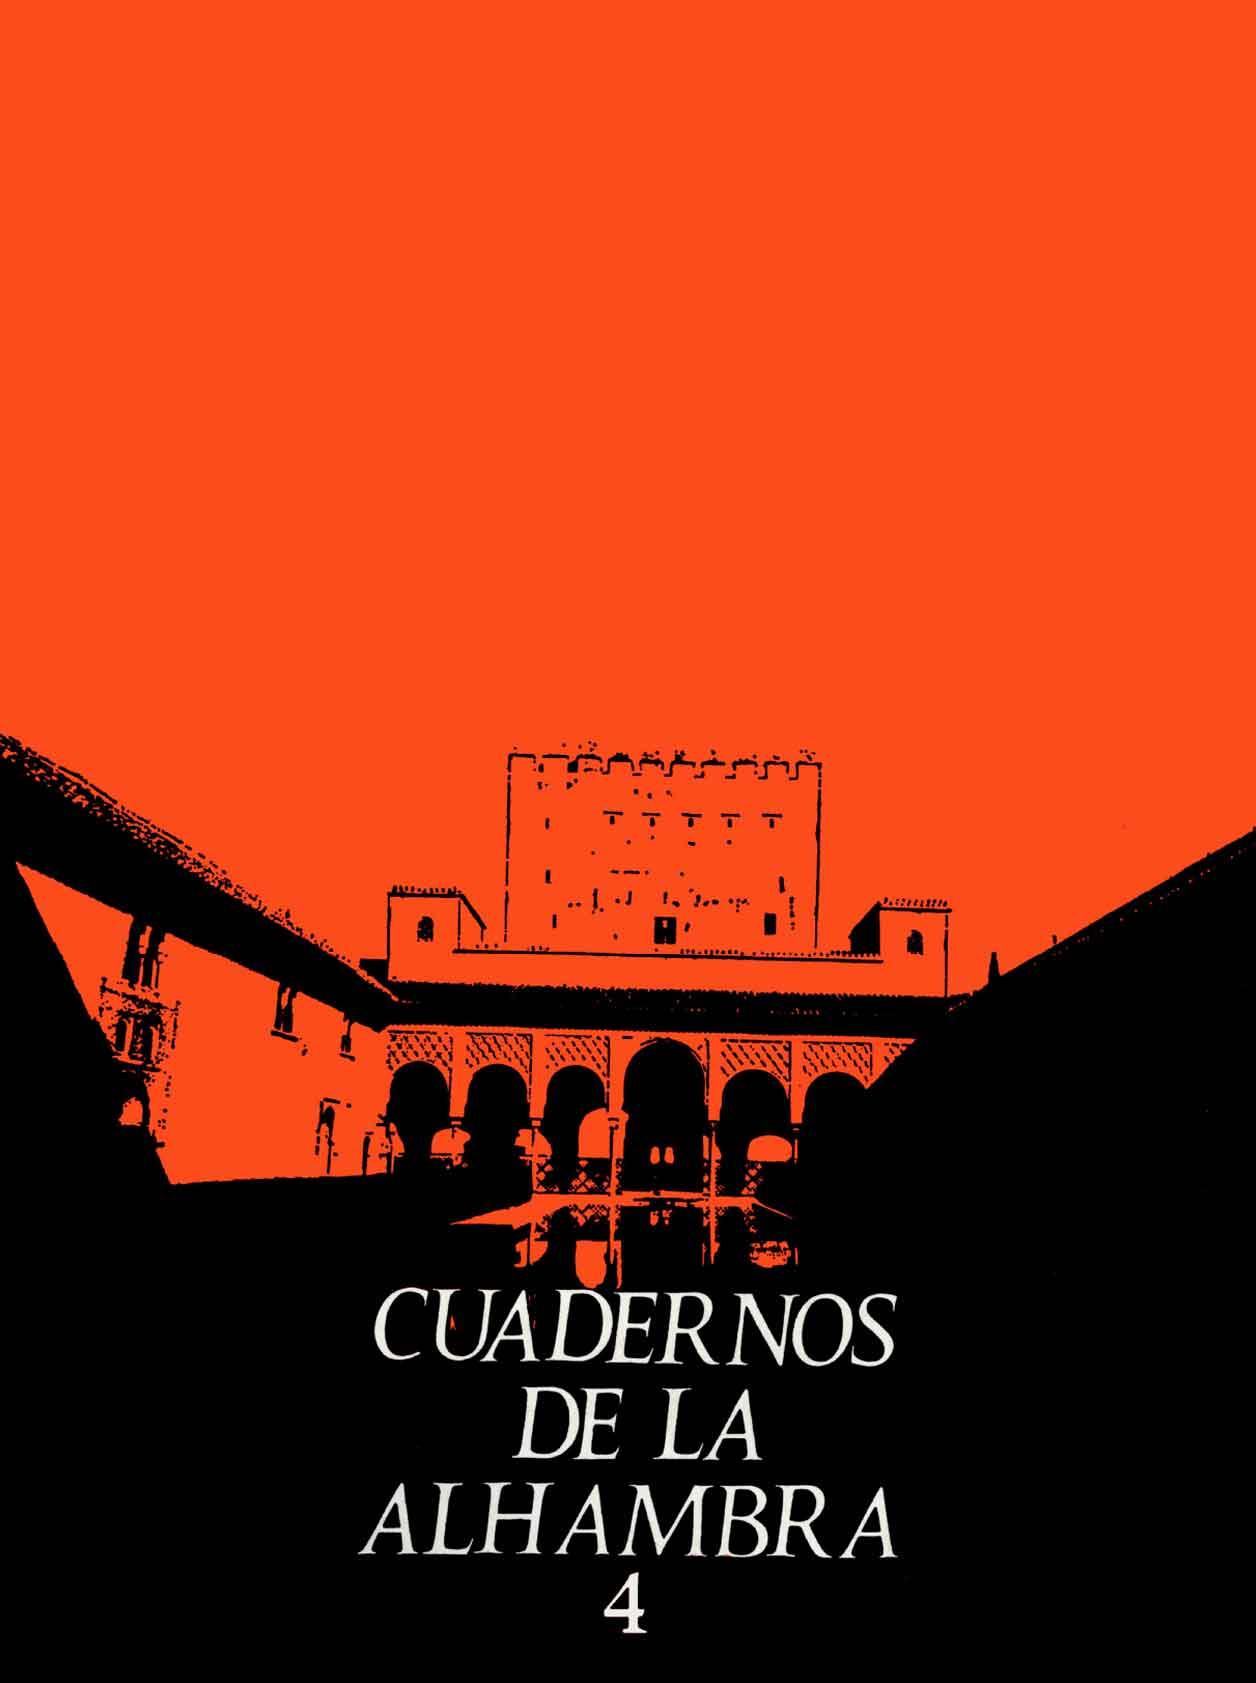 Portada del número 04 de Cuadernos de la Alhambra